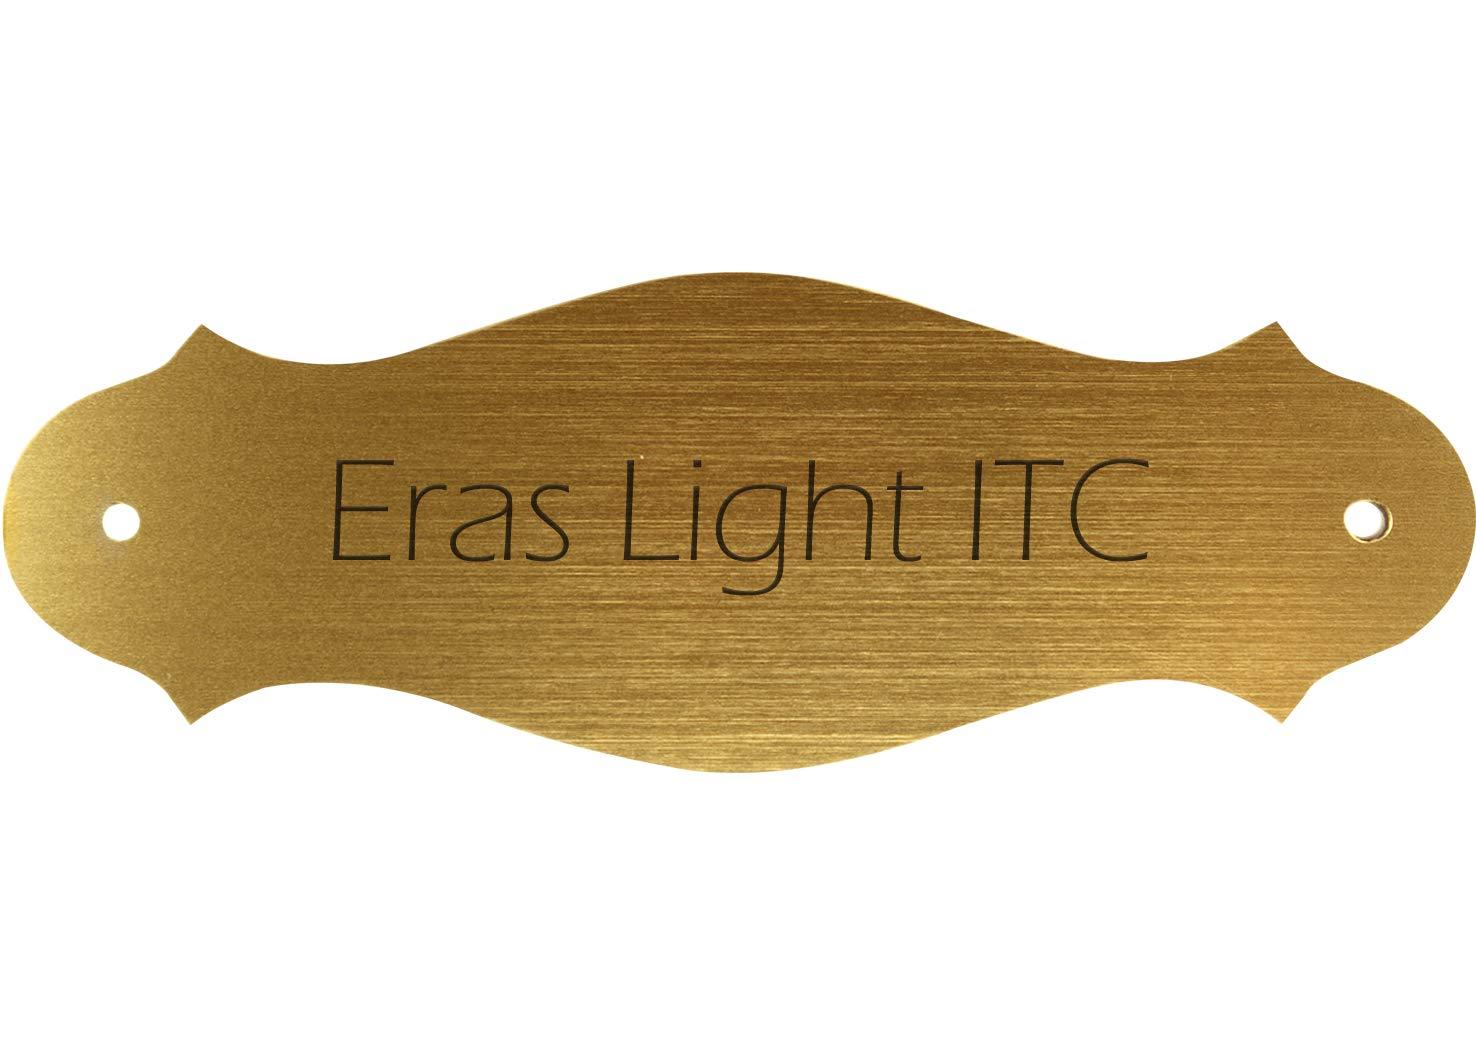 Letrero para la casa con texto personal deseado, Letrero de plá stico dorado-metá lico, 130 x 47 mm, curvo, tipo de letra: Eras Light ITC Letrero de plástico dorado-metálico Kopierladen